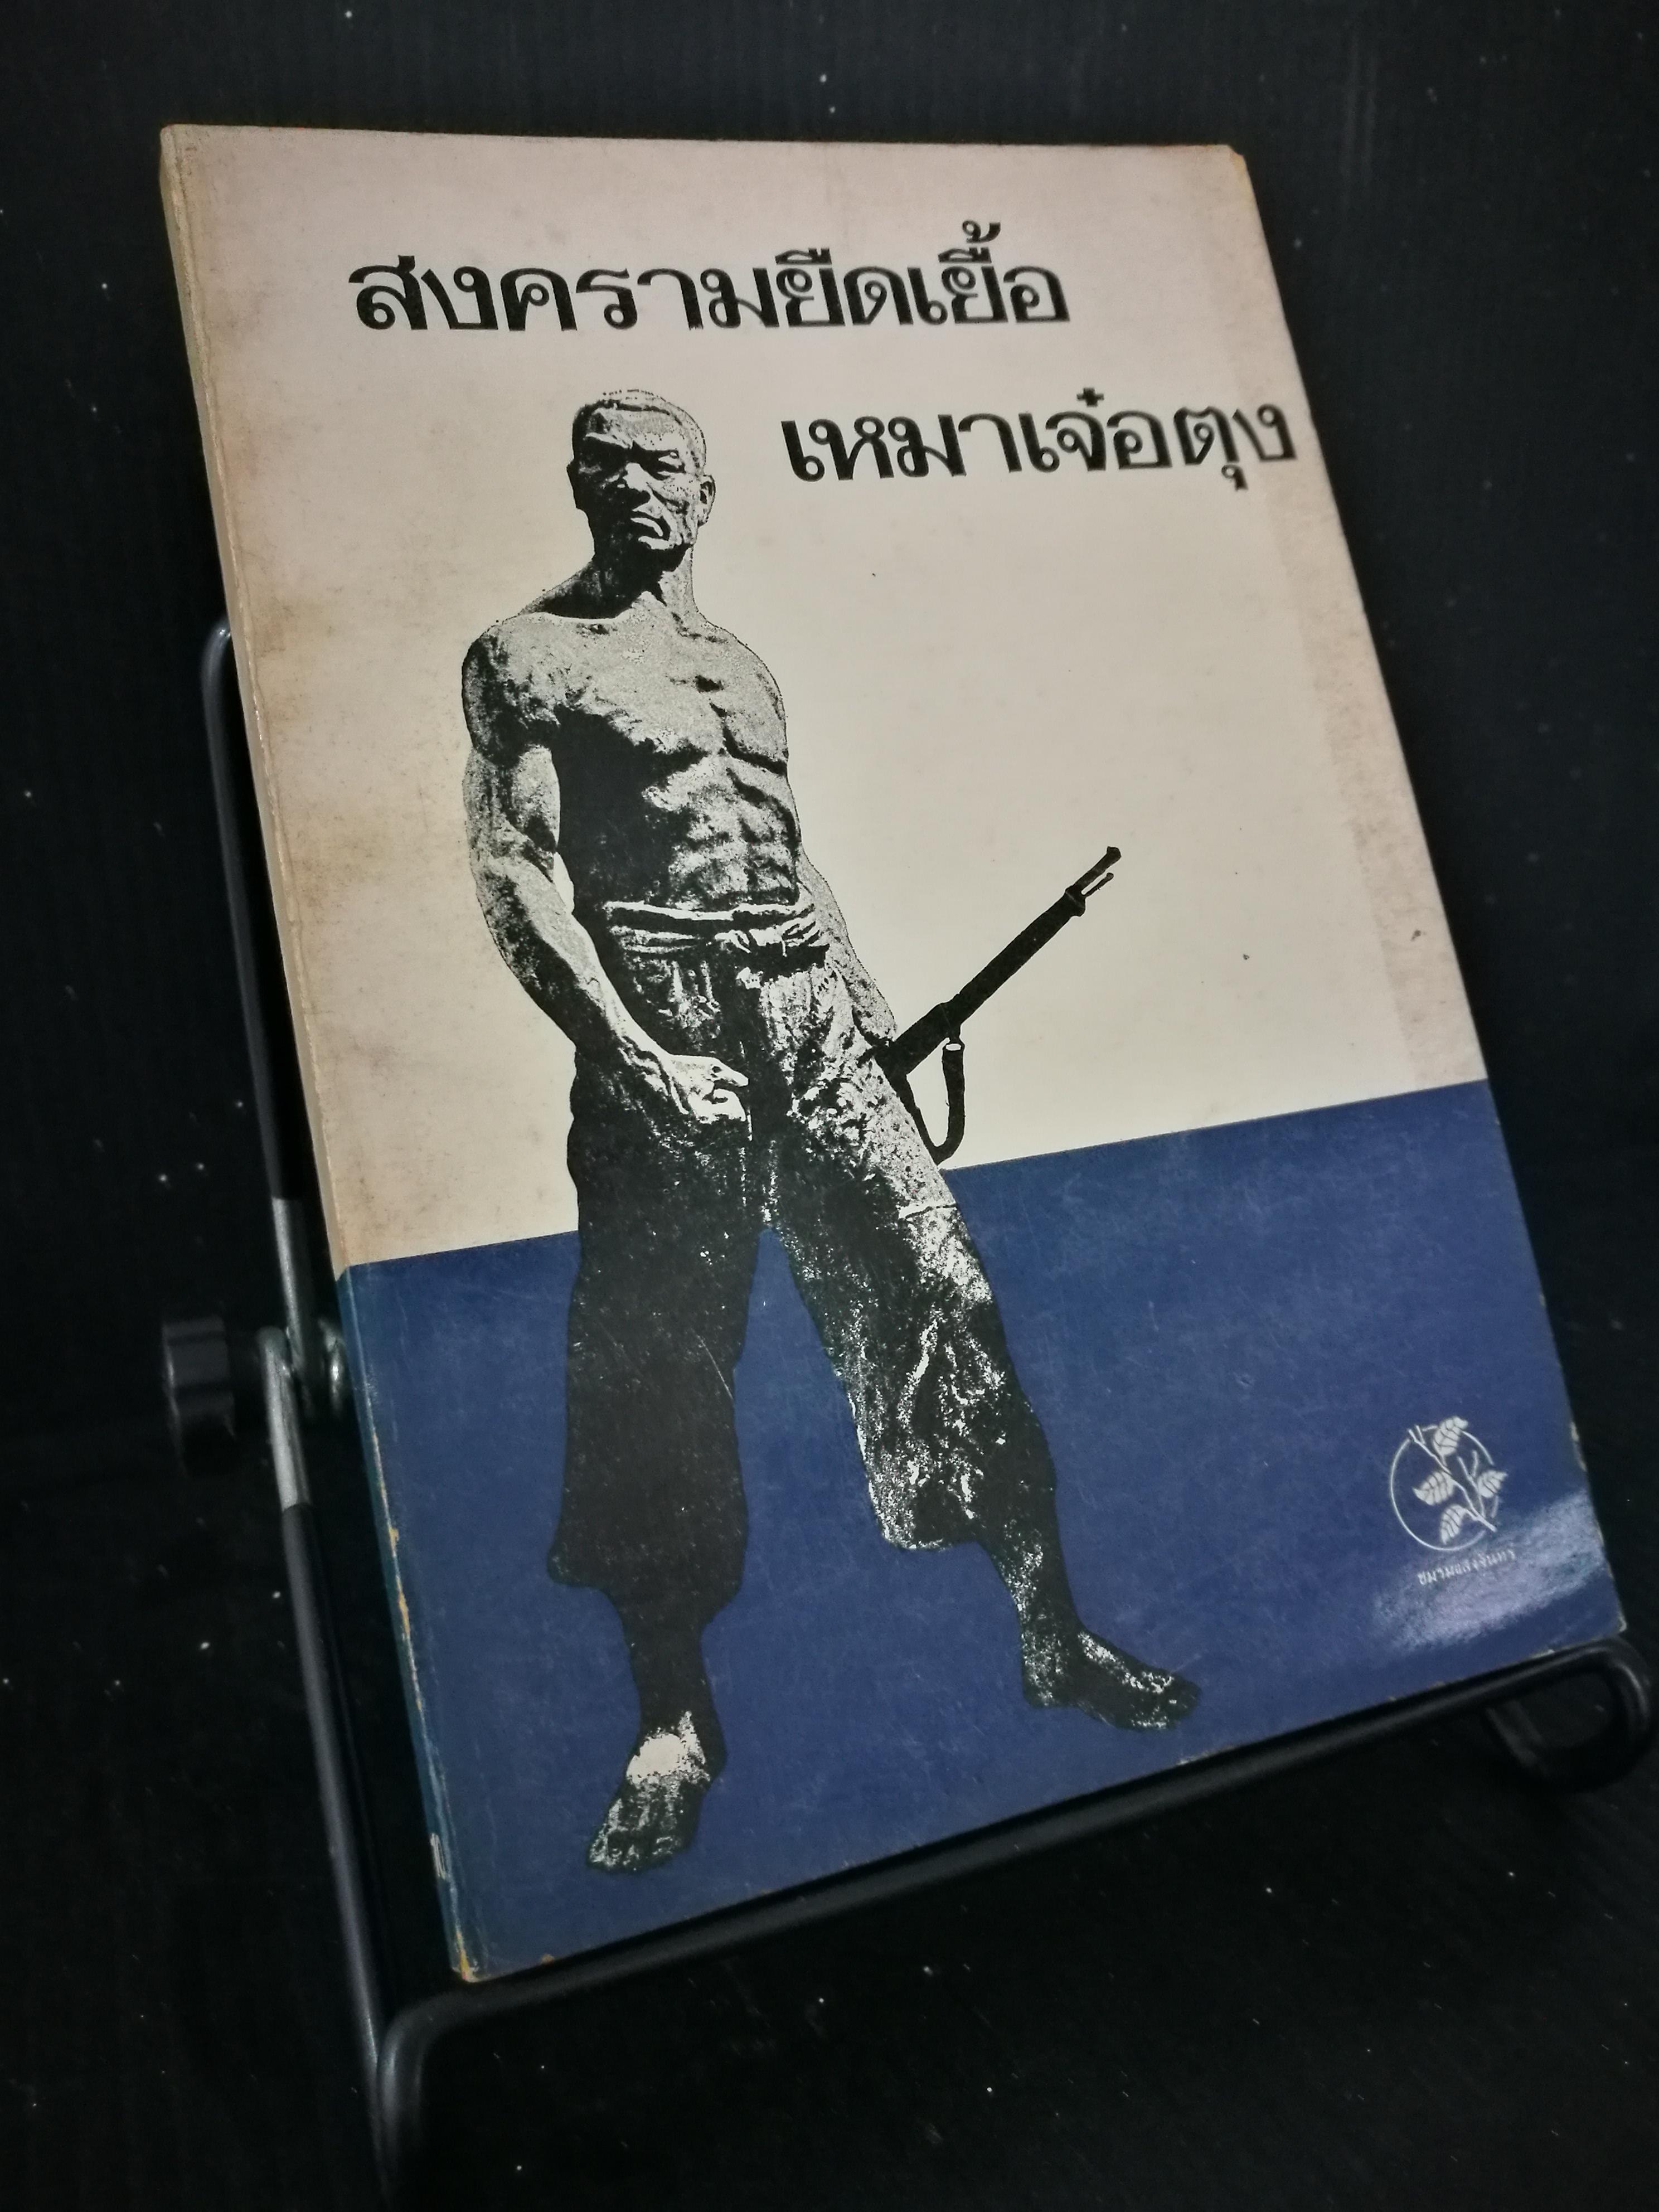 สงครามยืดเยื้อ - หนังสือต้องห้าม